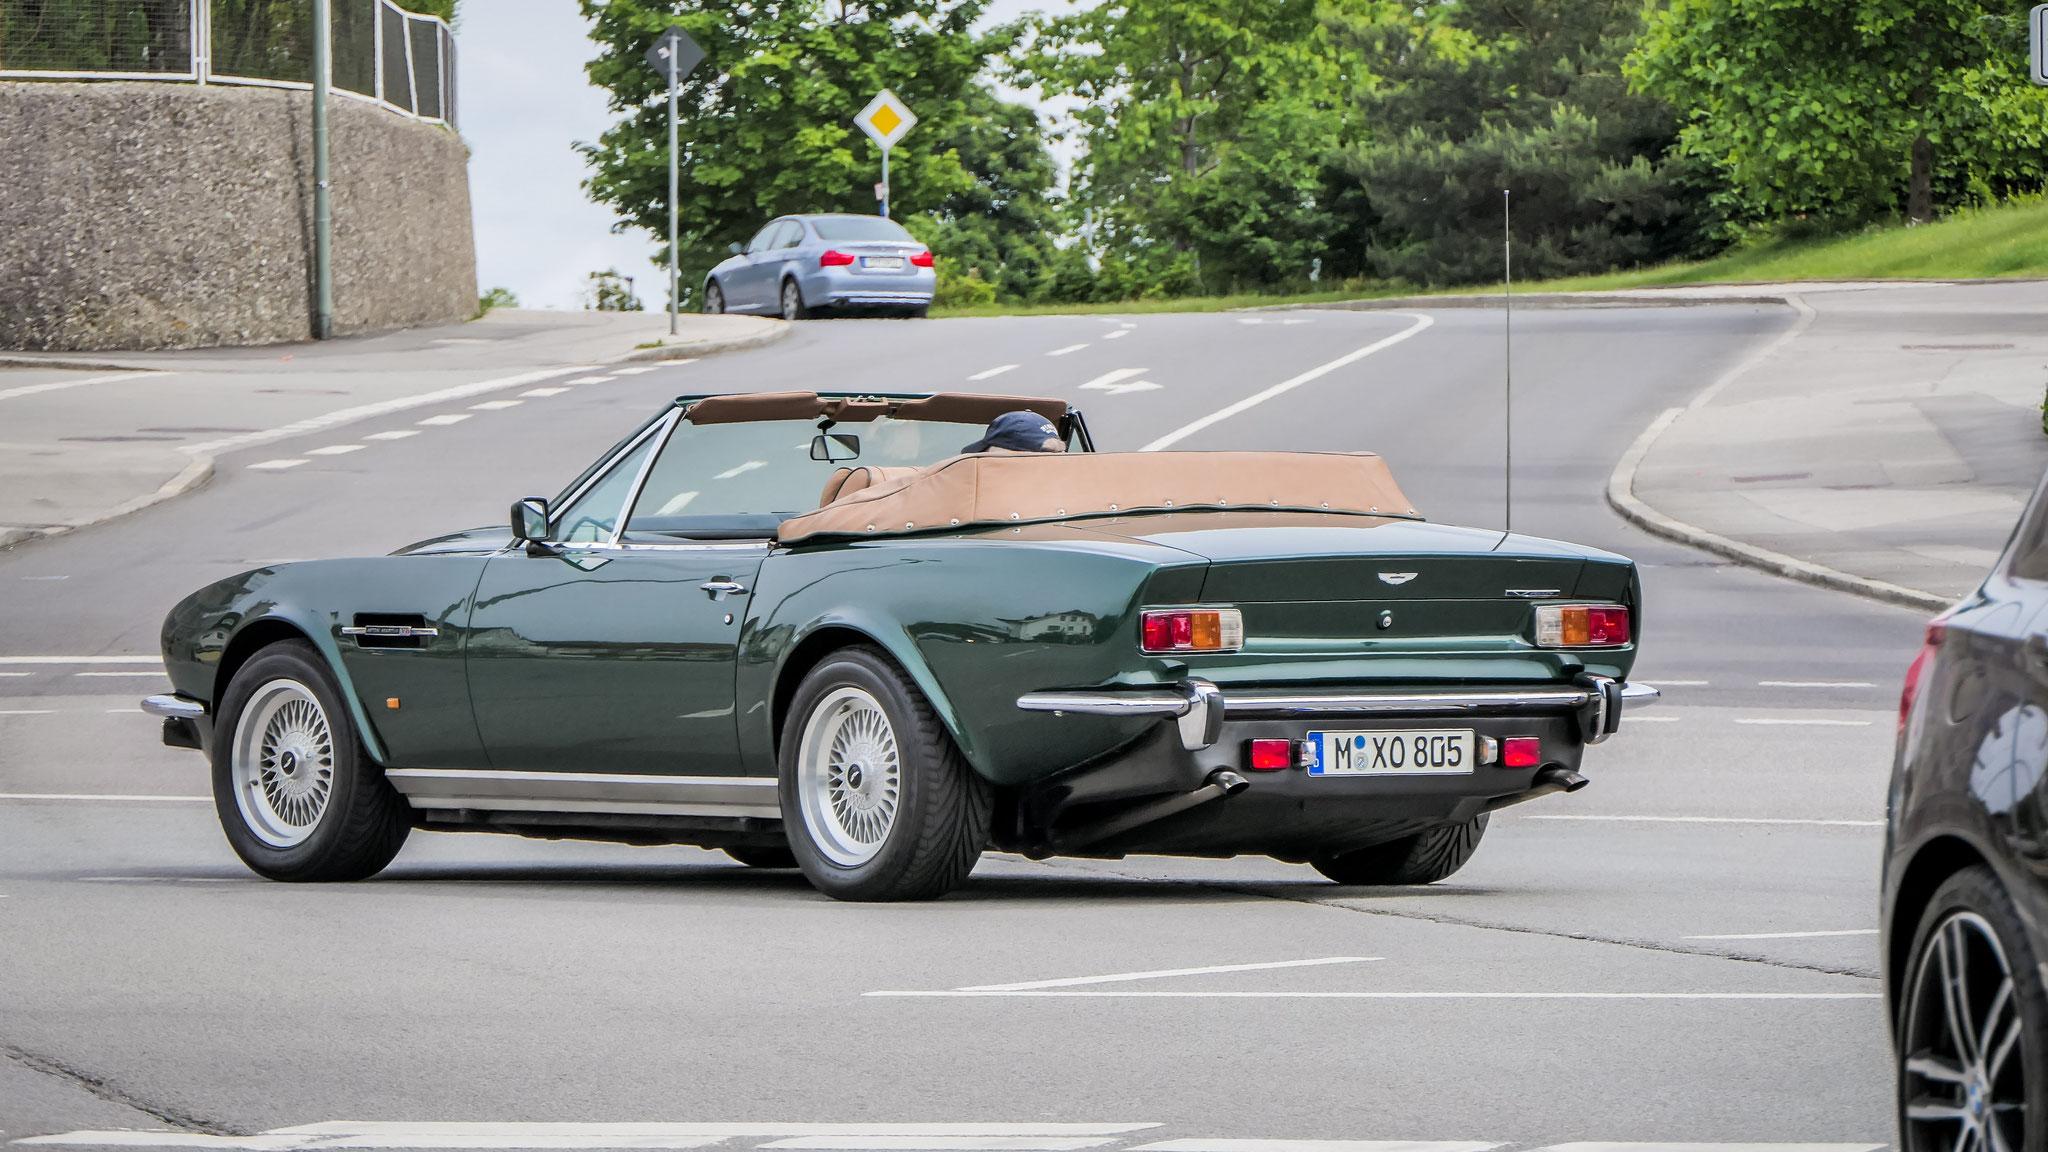 Aston Martin V8 Vantage Volante - M-XO-805